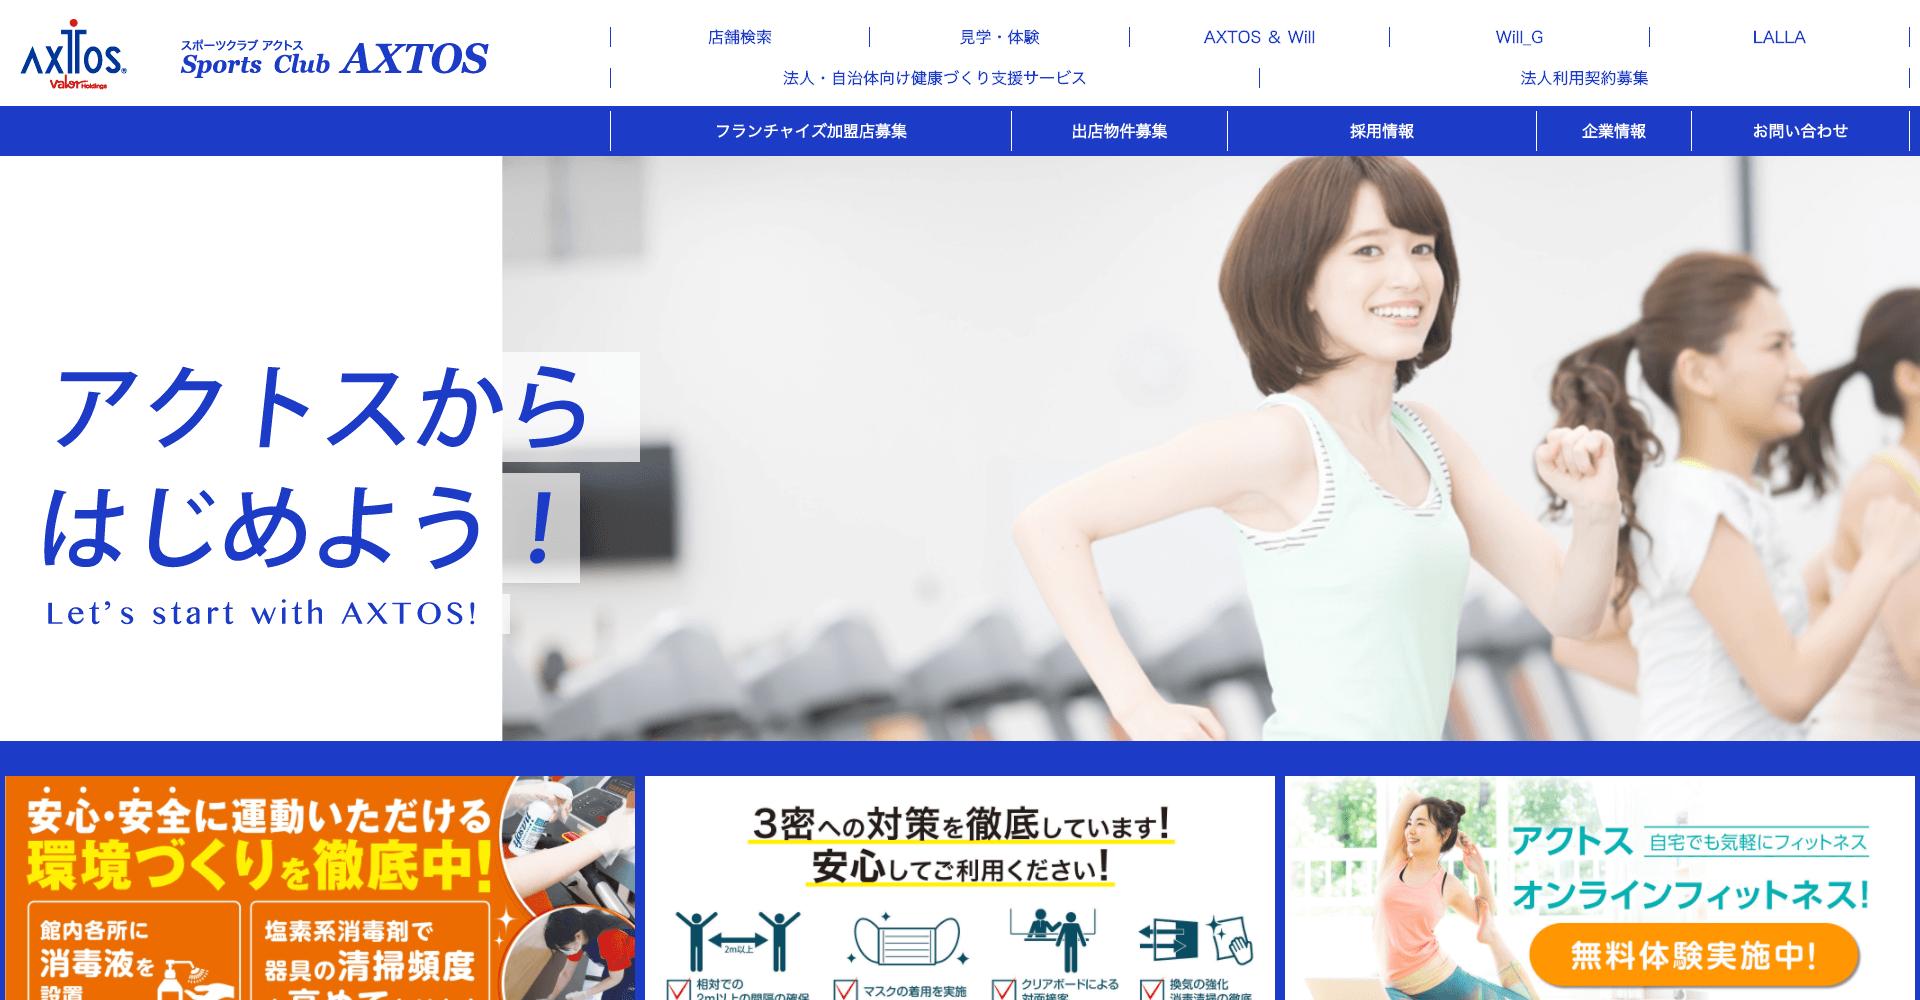 スポーツクラブ アクトス上田